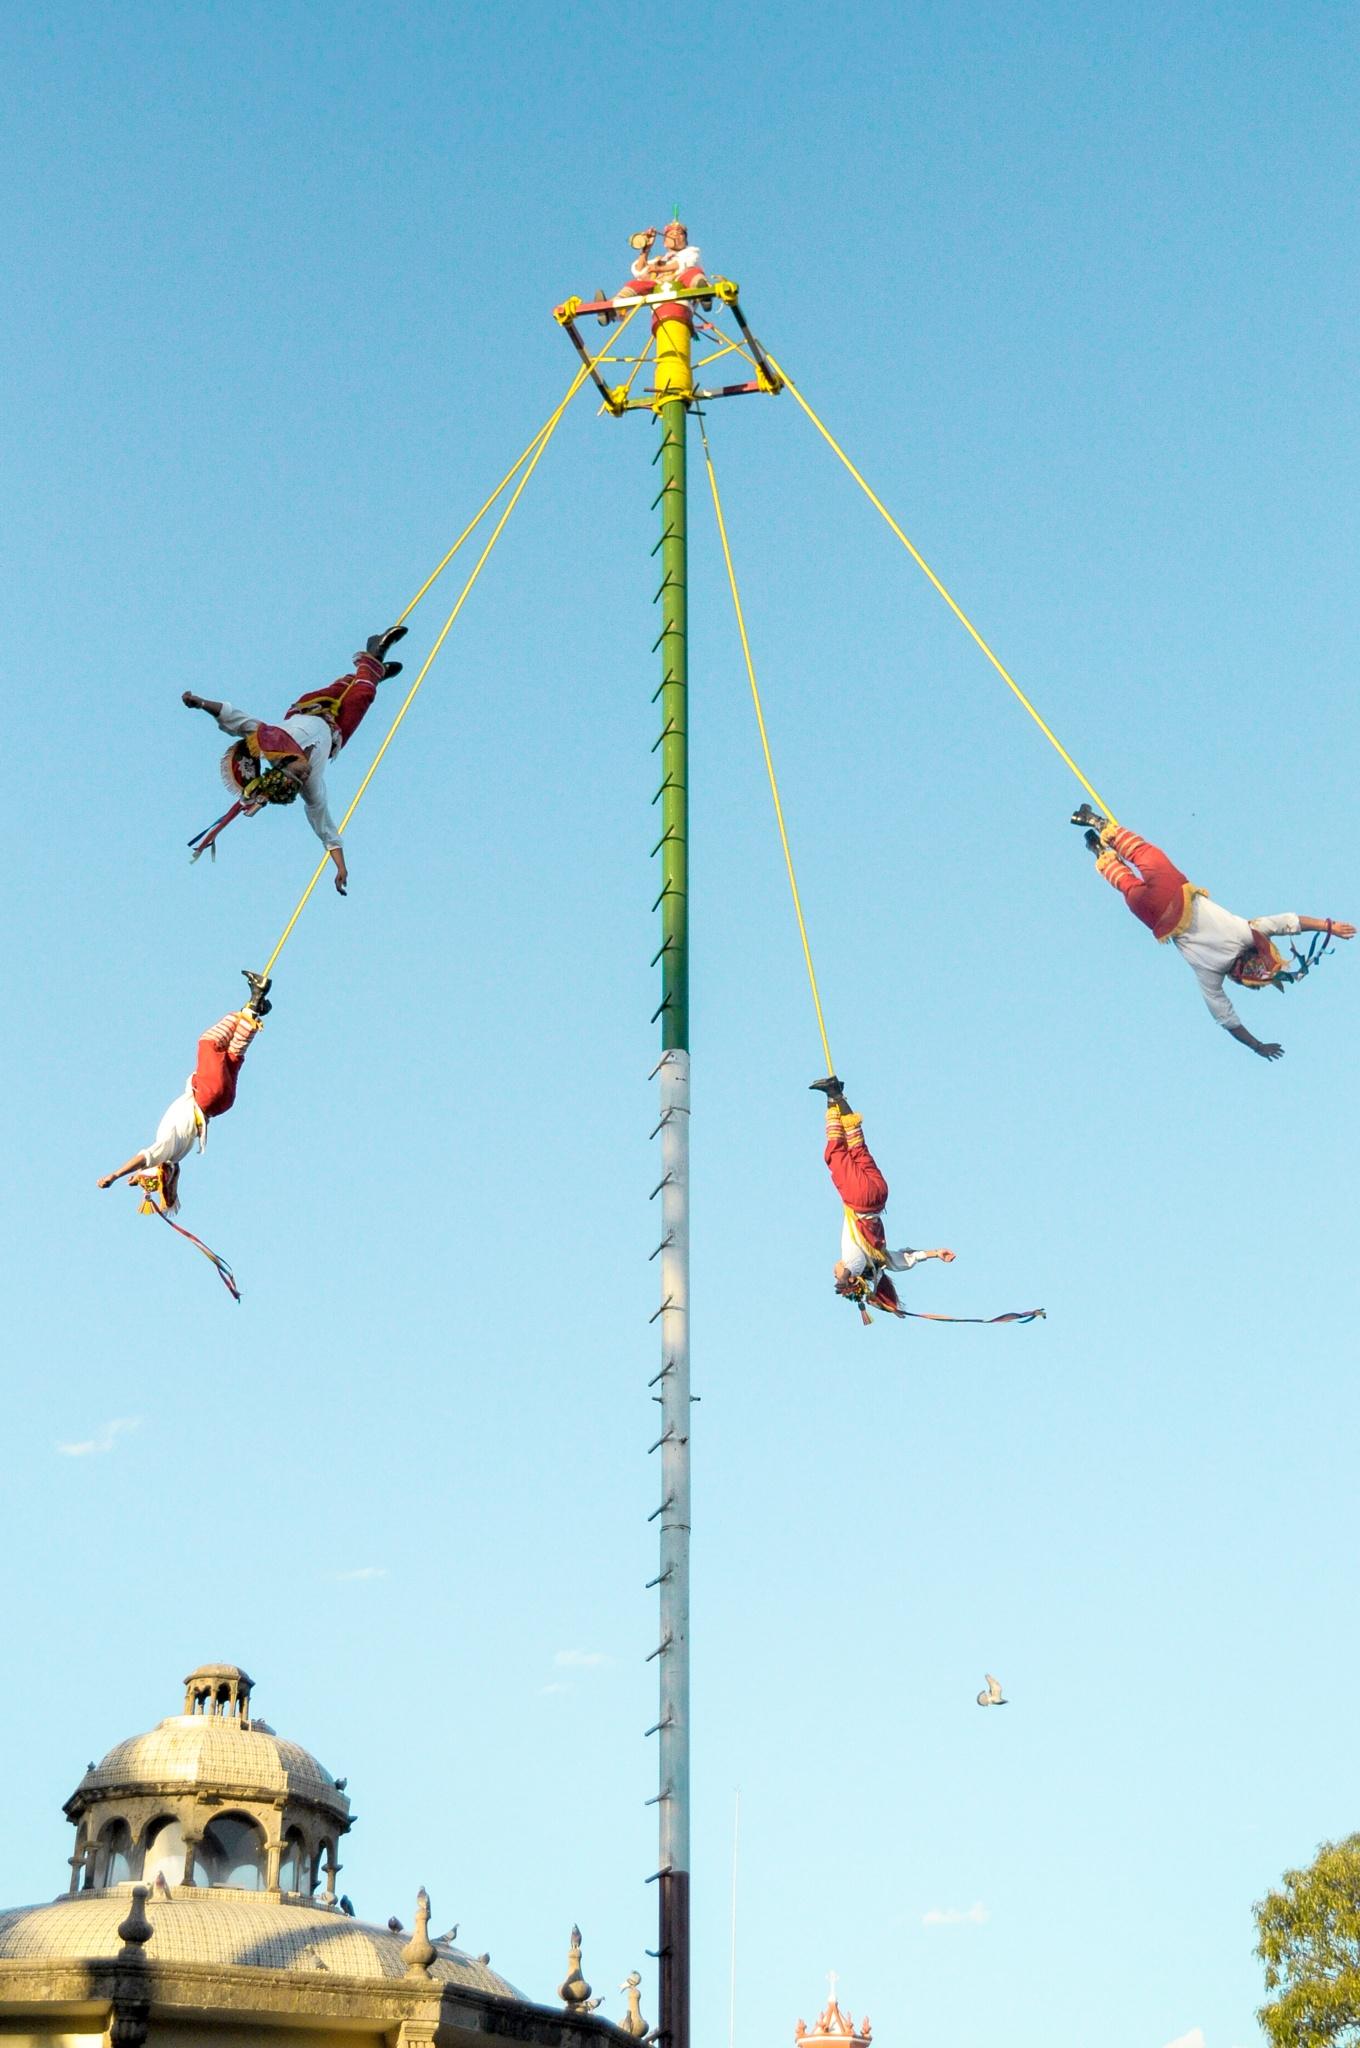 Tradiciones voladoras by millypedia